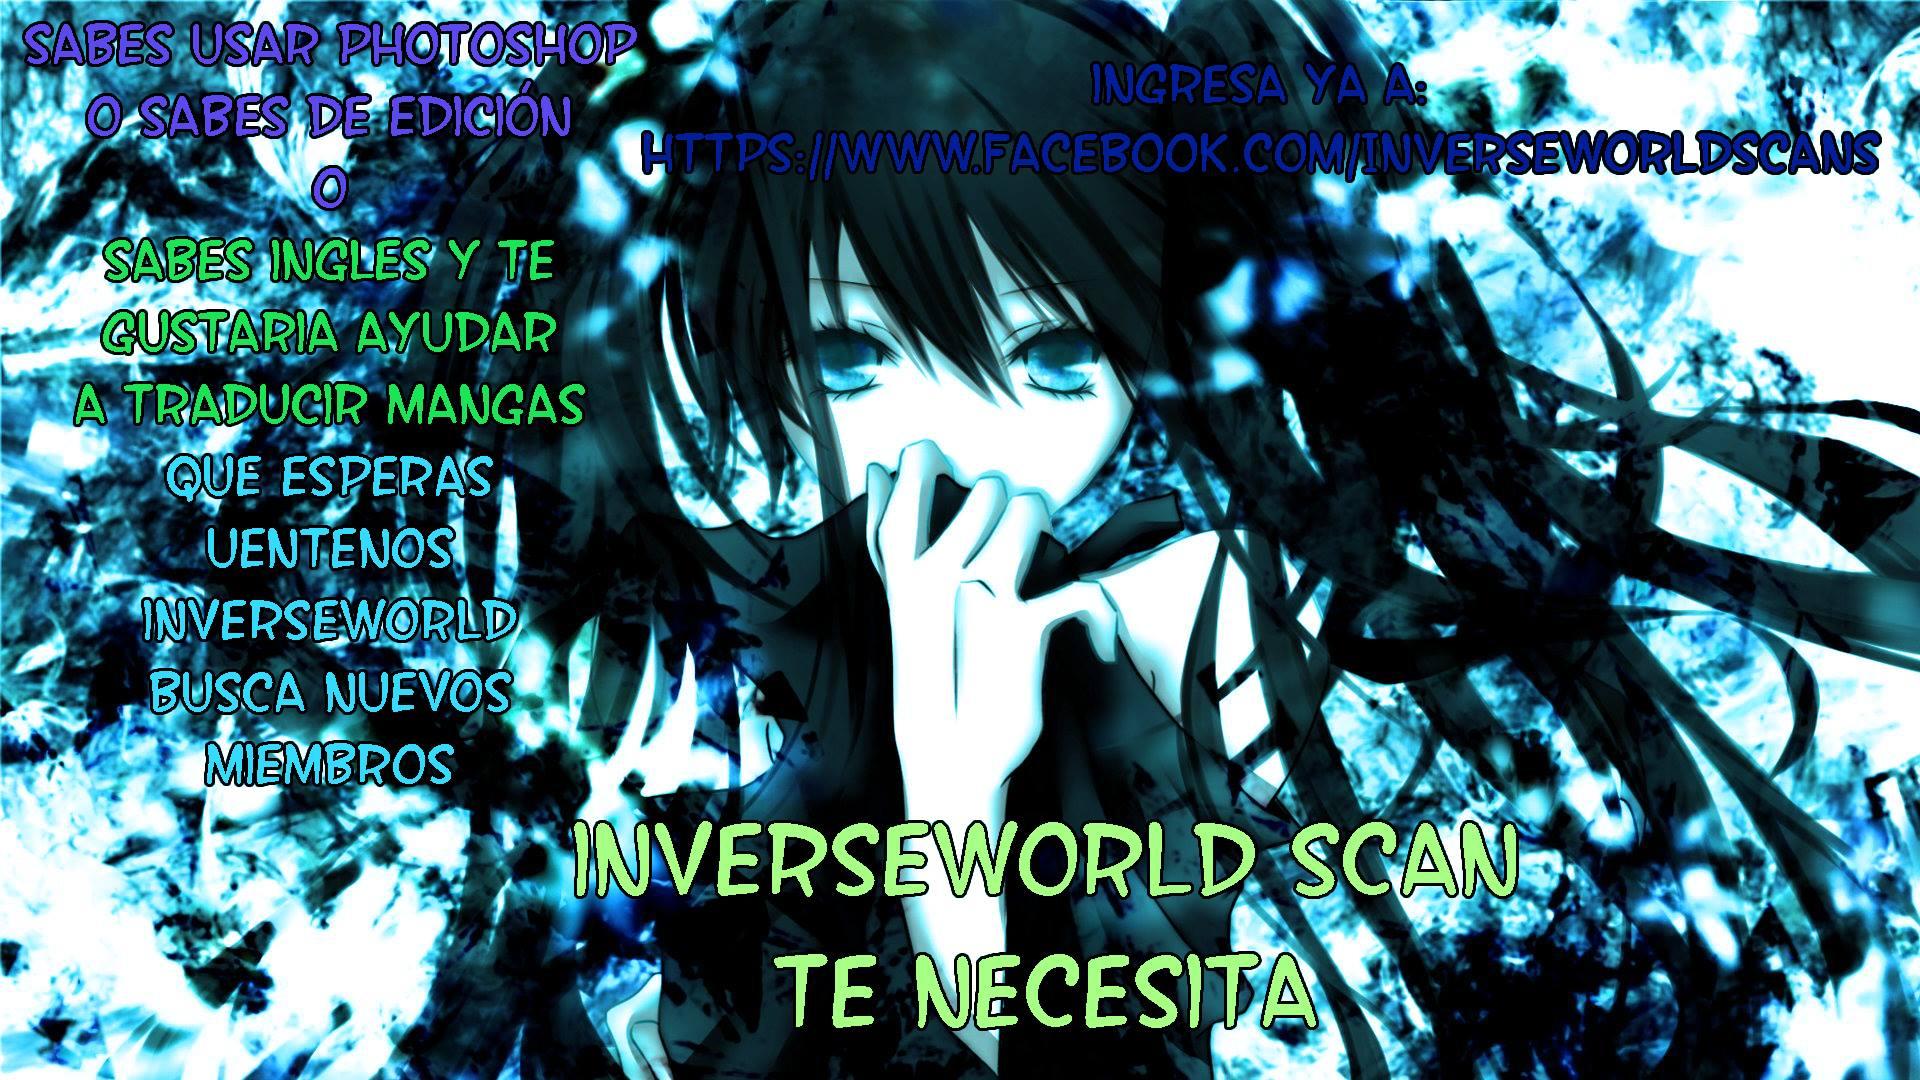 http://c5.ninemanga.com/es_manga/18/16210/415304/ba61ab7dab67e0845c2e530ba9fd5c2c.jpg Page 2